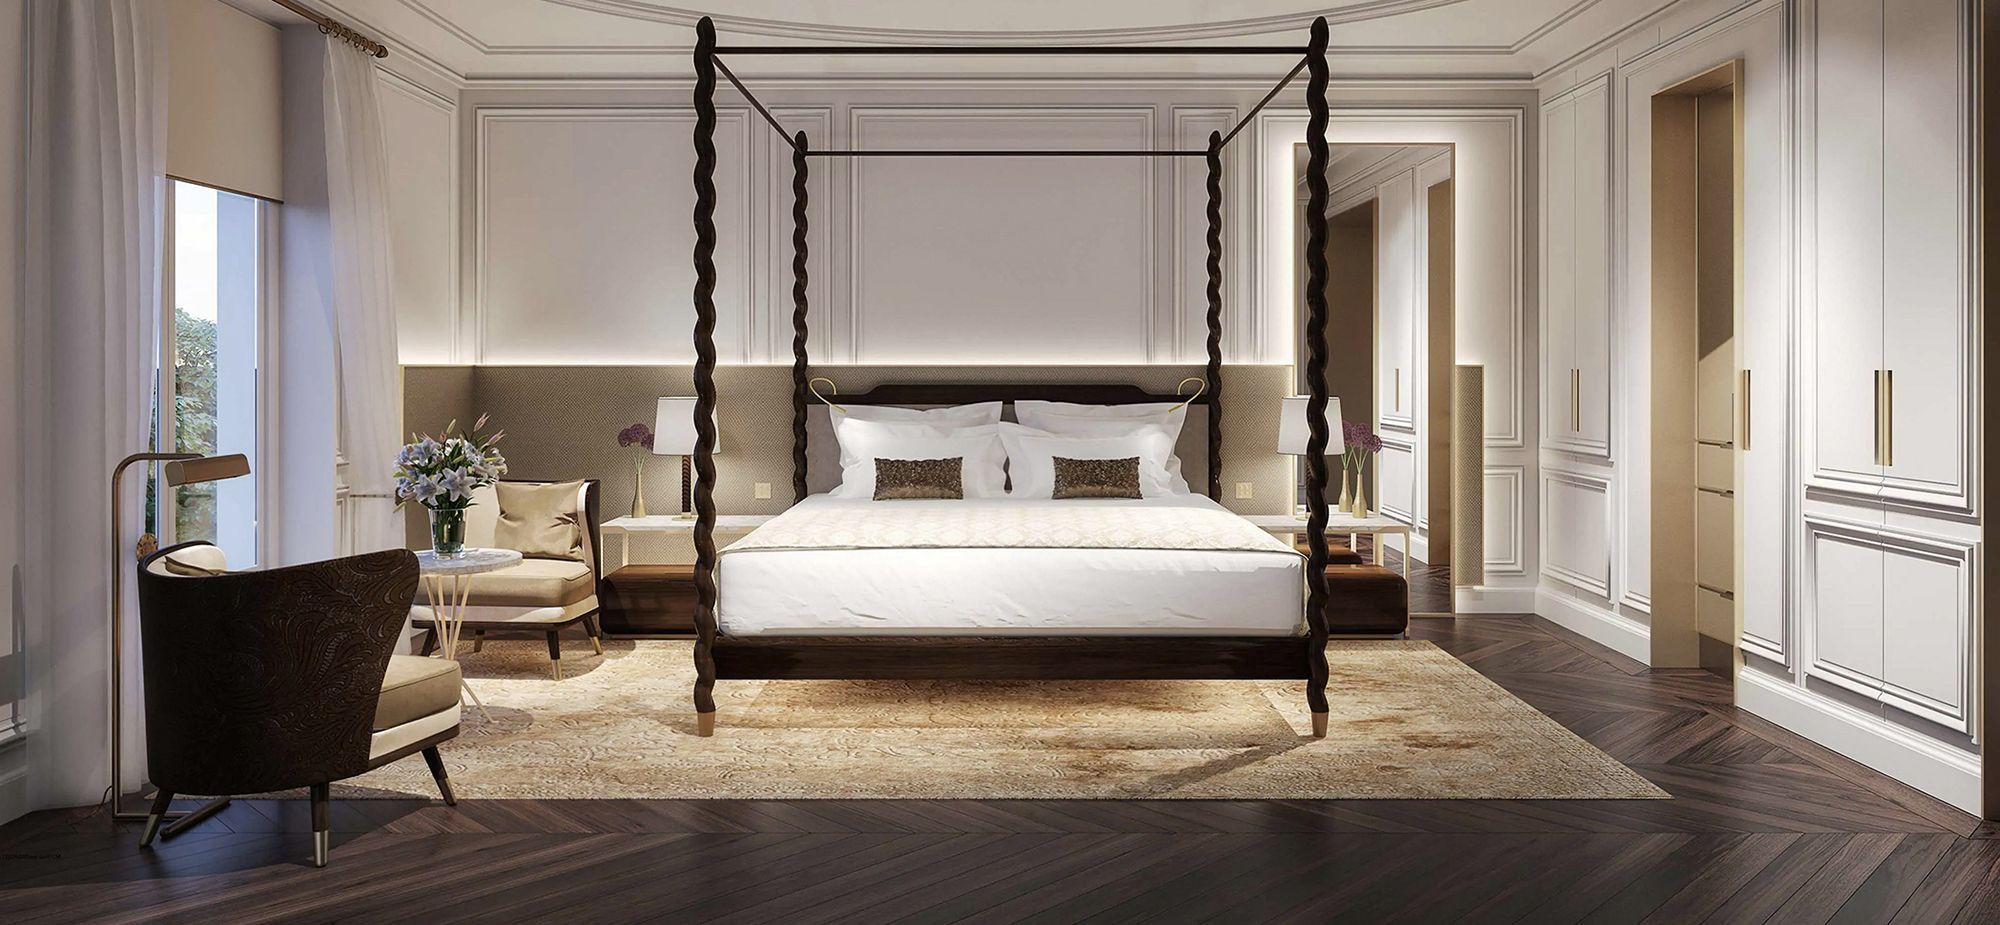 Habitación deluxe del Mandarin Oriental Ritz Madrid